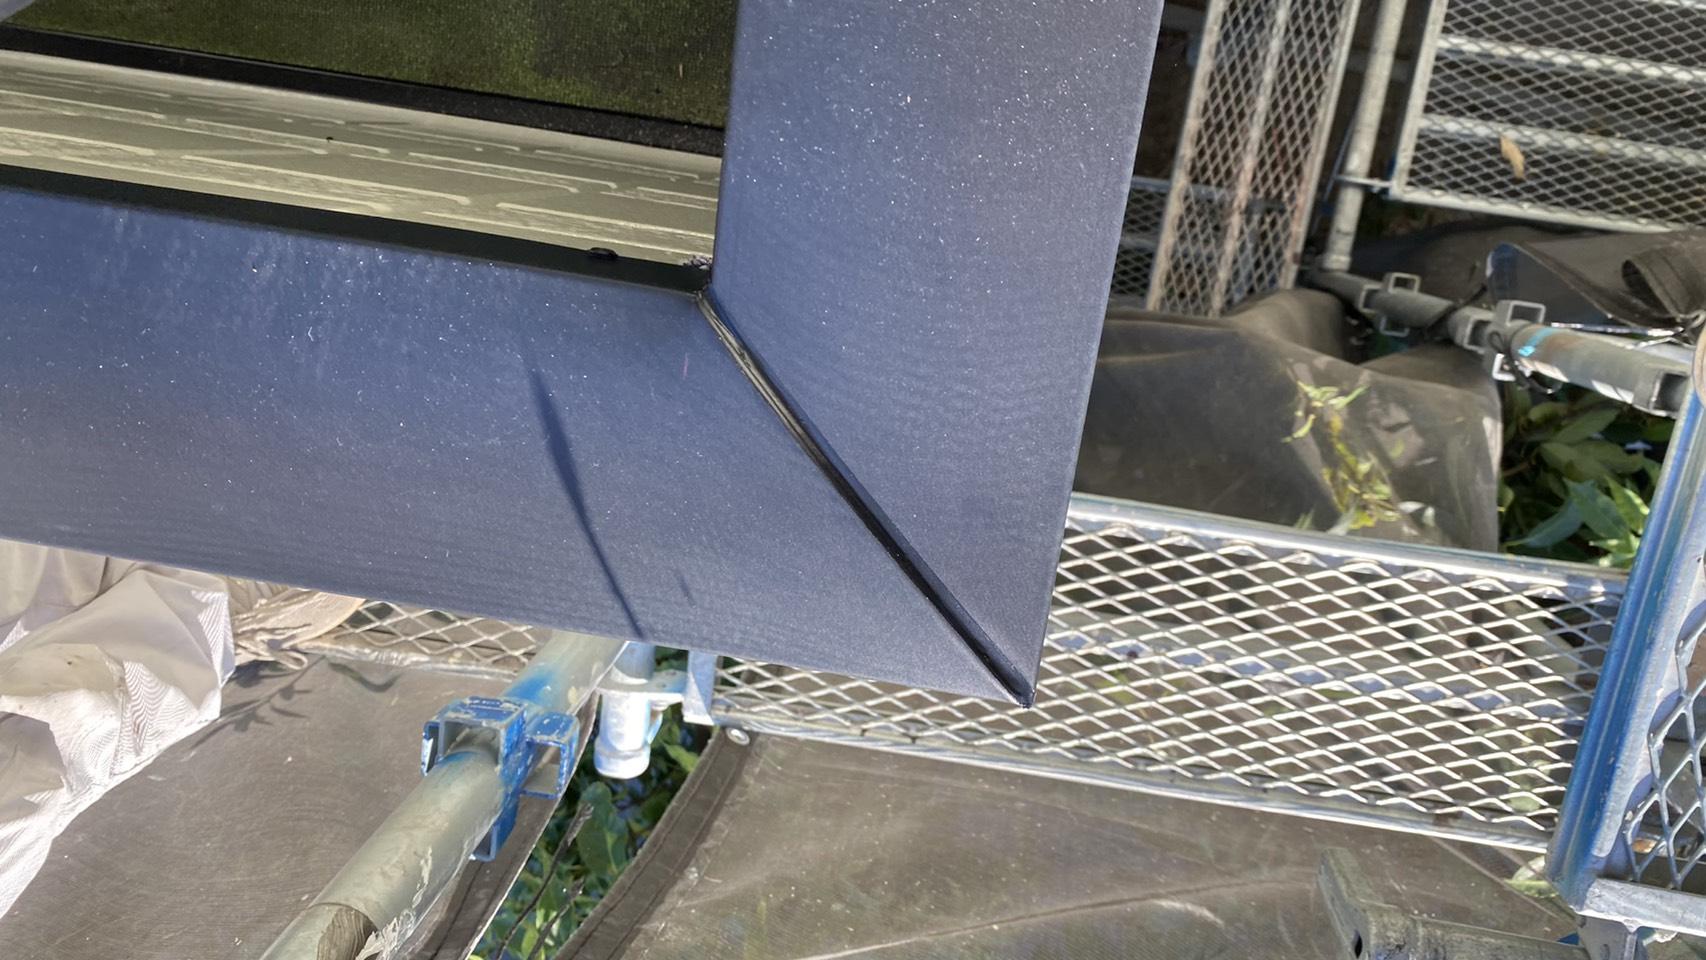 明石市でのベランダ笠木交換工事でステンレスの笠木を取り付けている様子